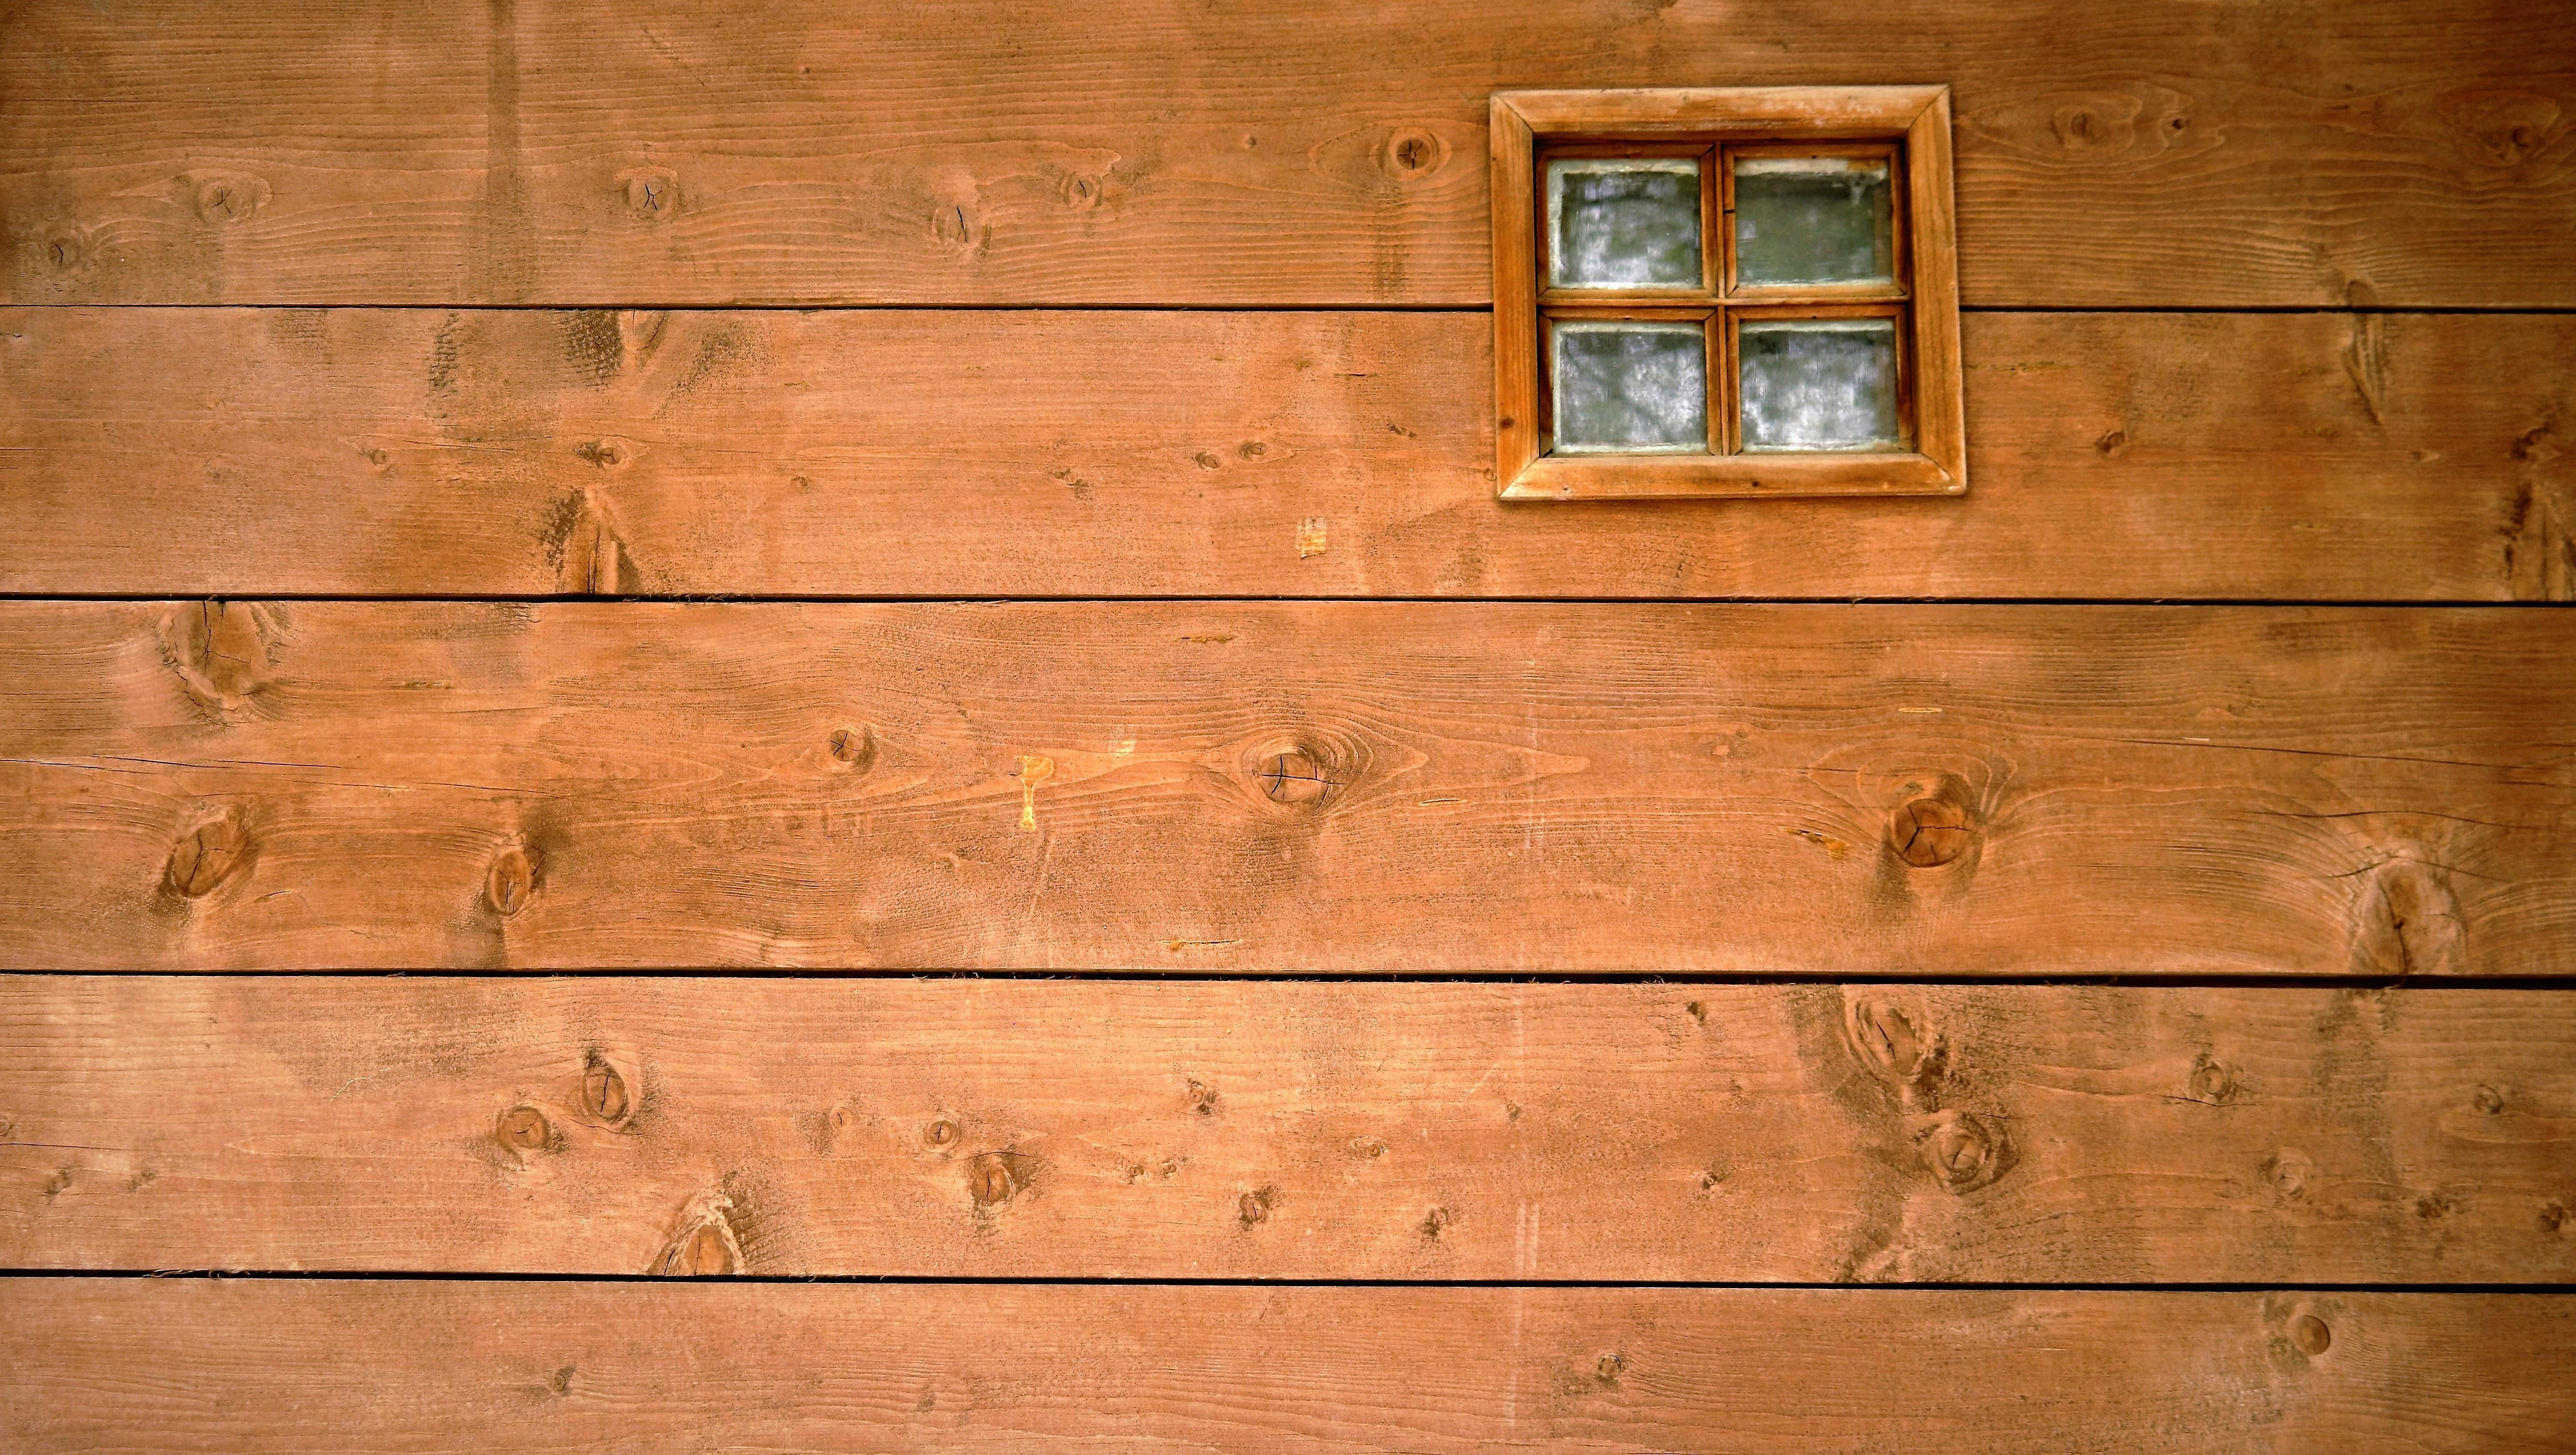 Gambar Tekstur Papan Lantai Dinding Plafon Mebel Pintu  -> Foto De Parede De Madeira